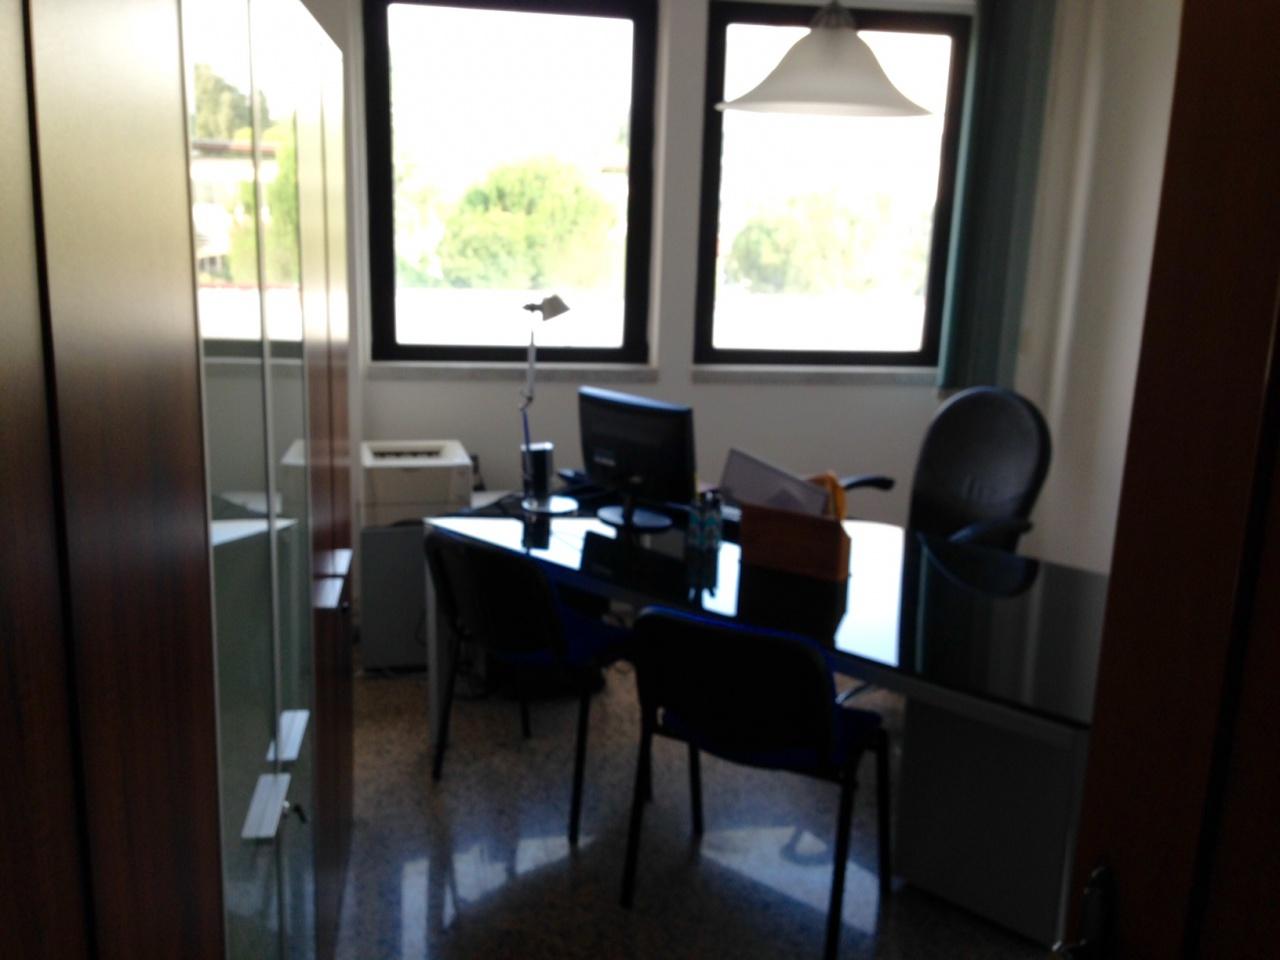 Ufficio / Studio in affitto a Massa, 3 locali, prezzo € 700 | CambioCasa.it